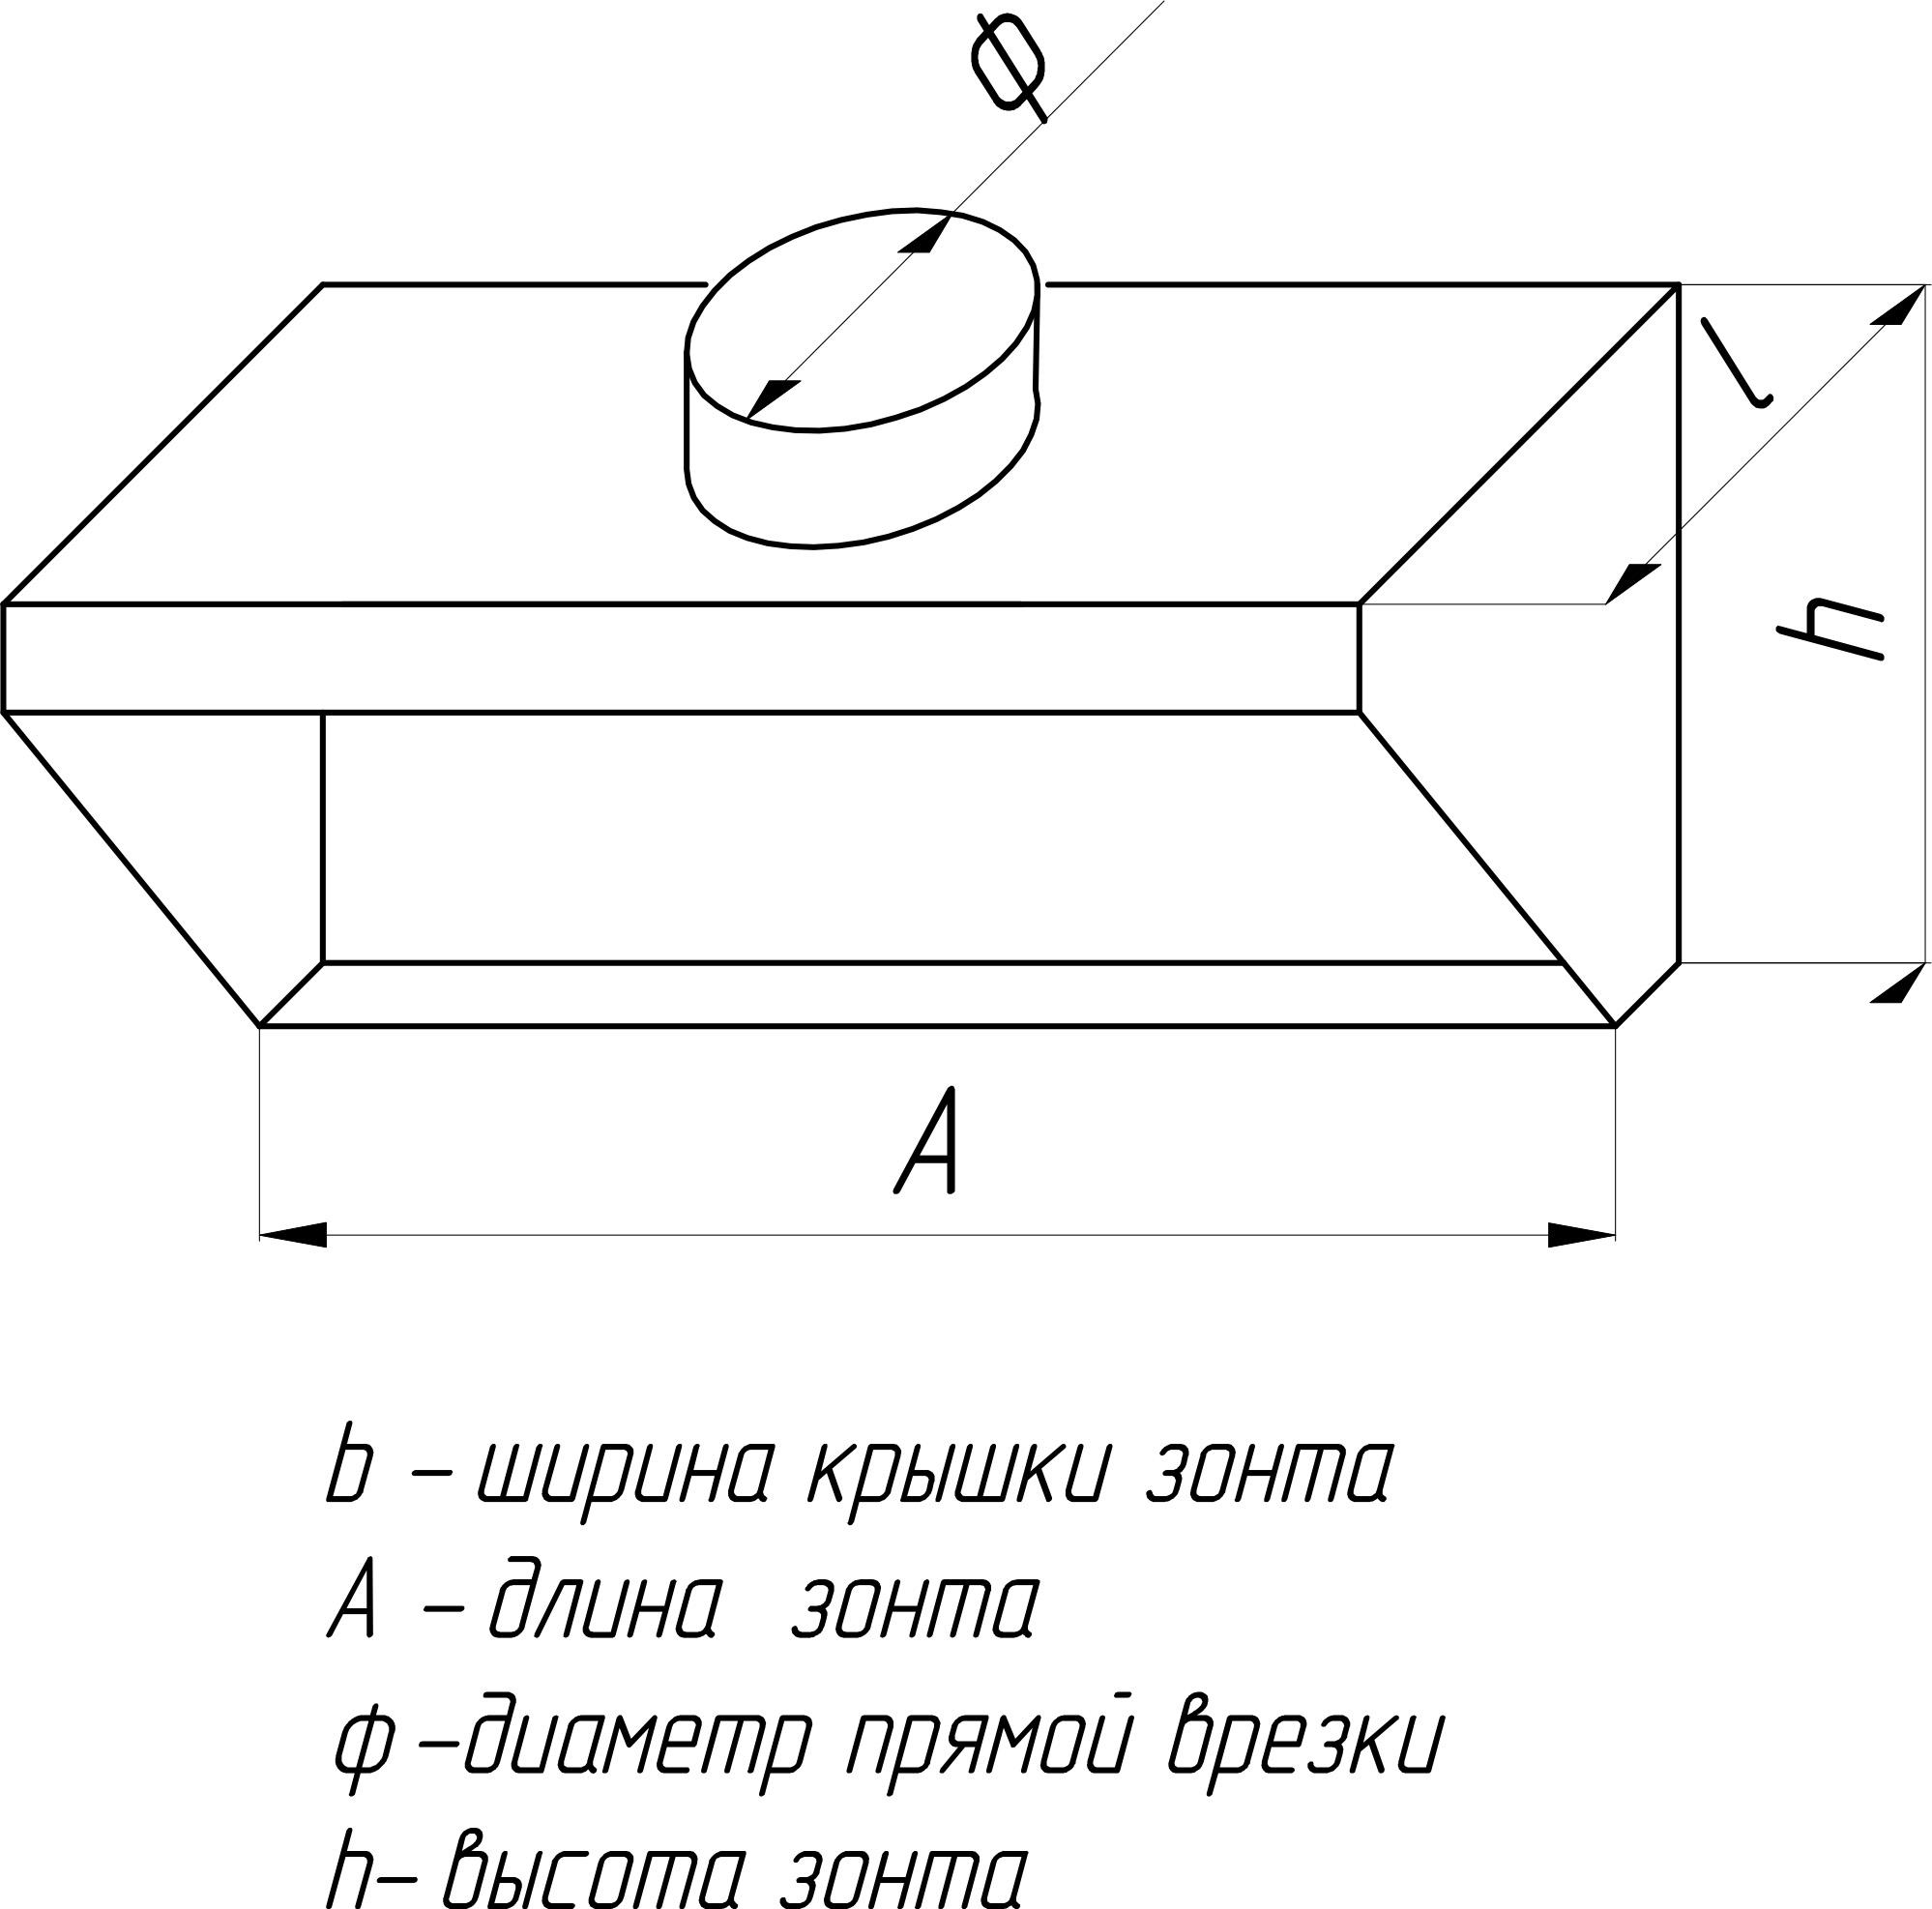 Как сделать вытяжку в частном доме своими руками: схема 80